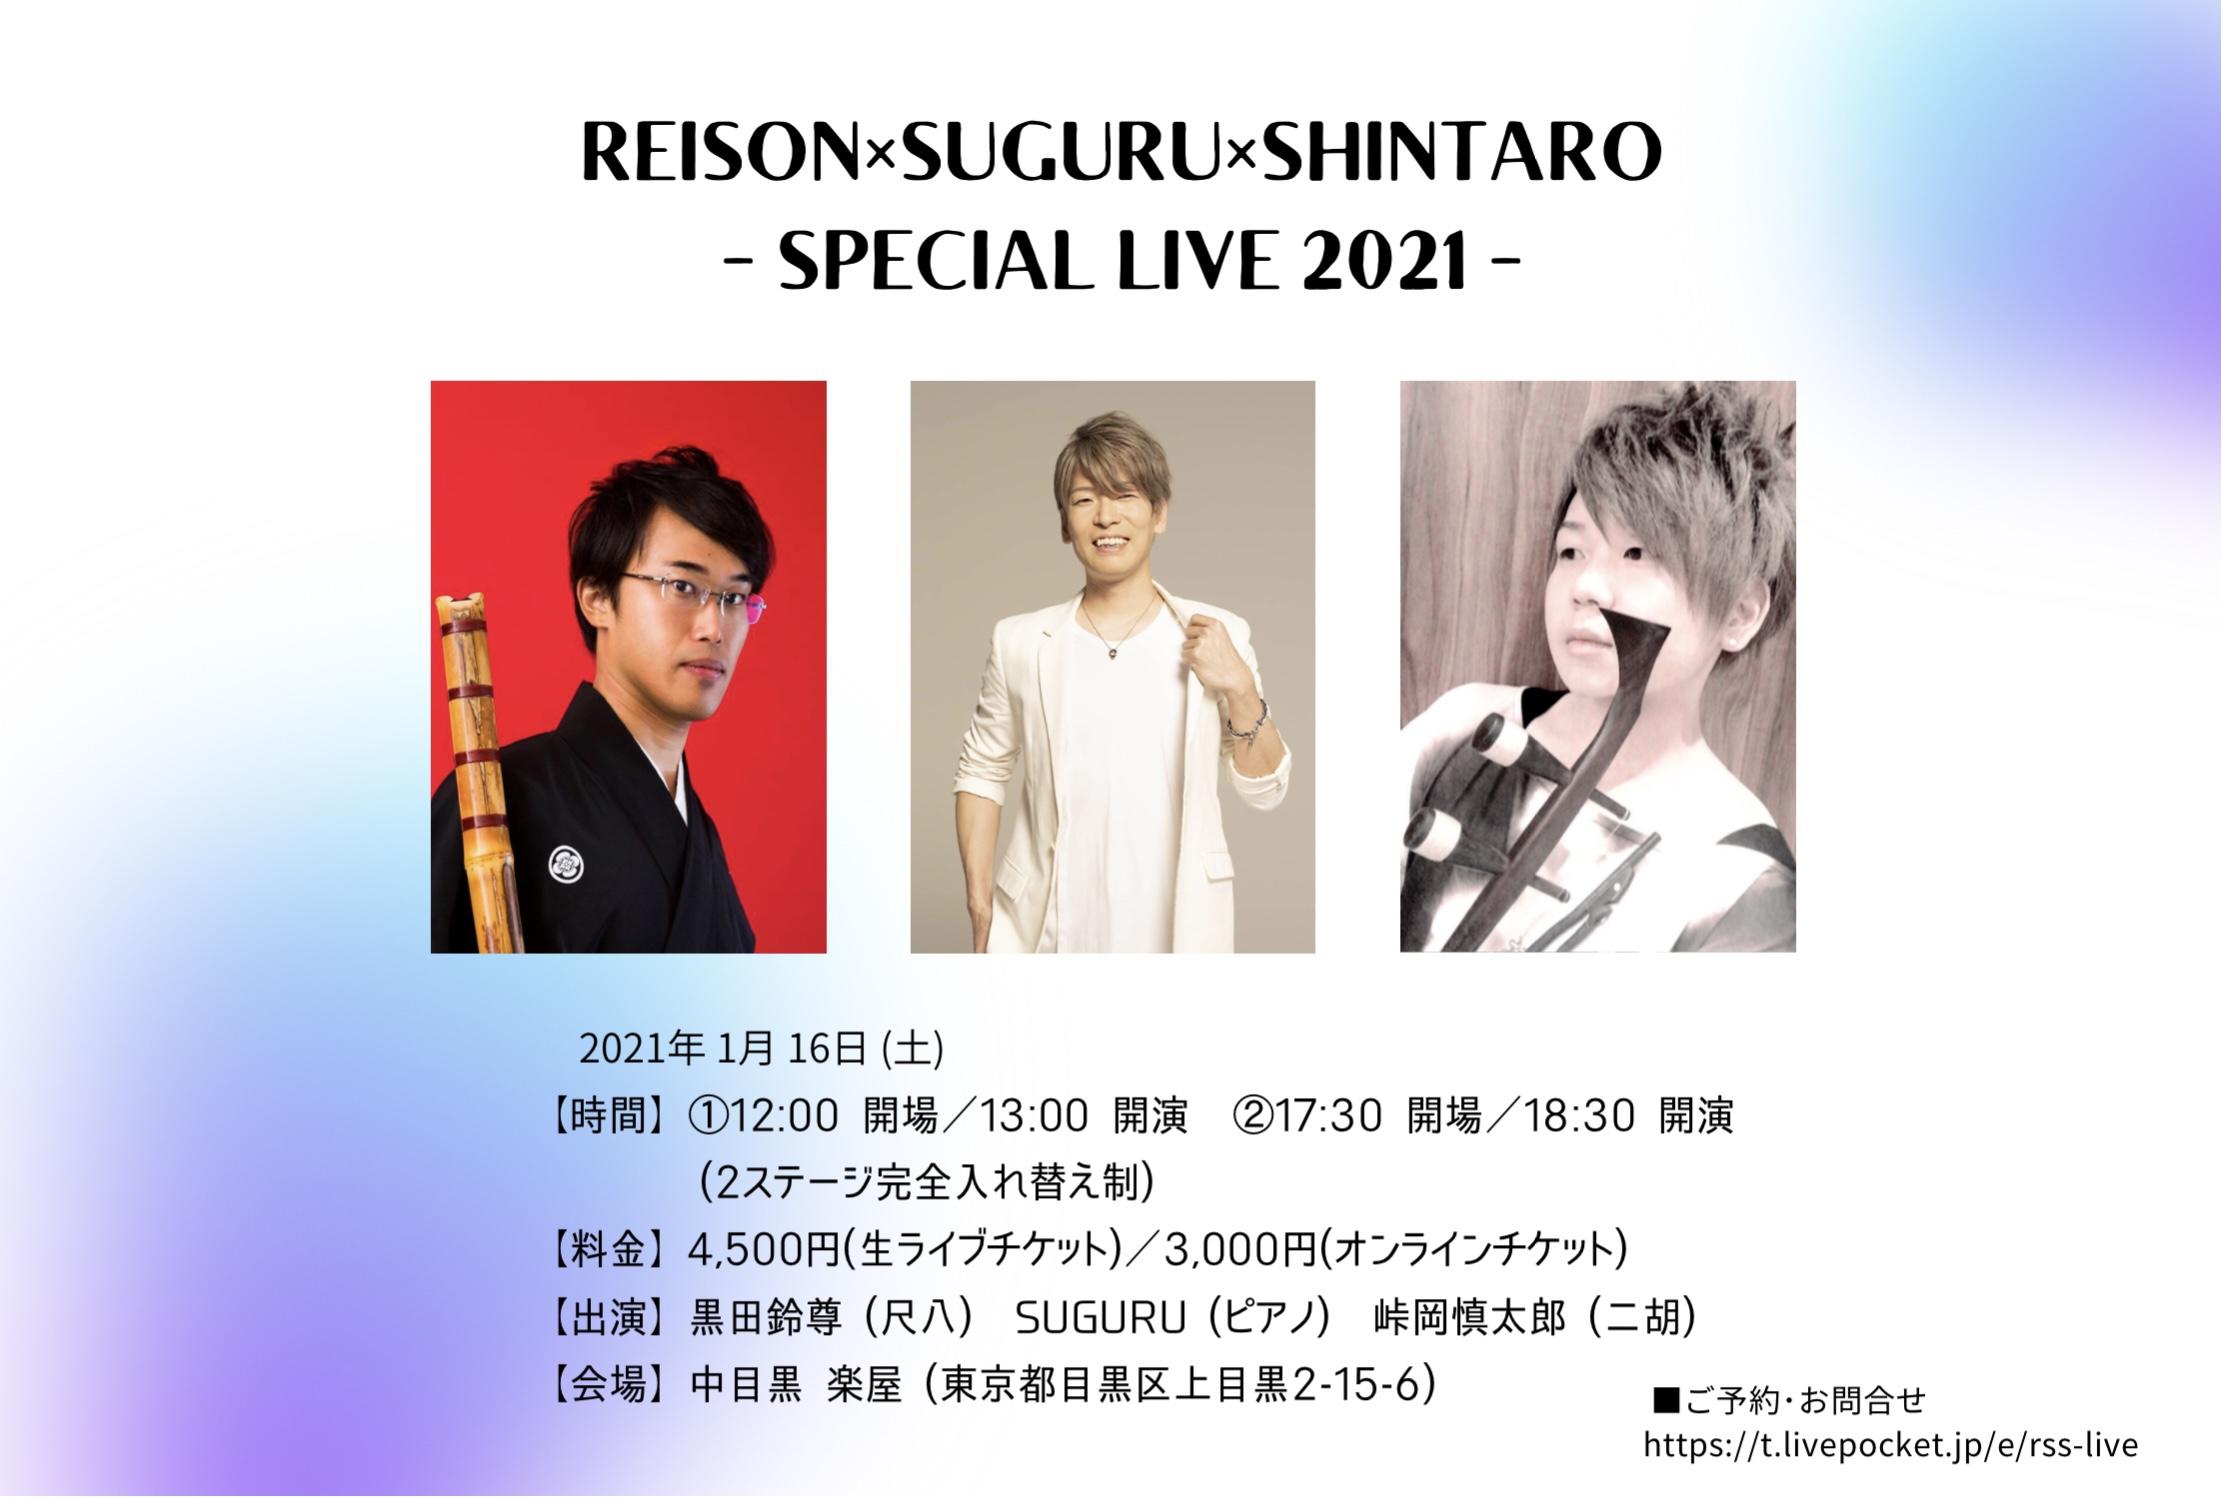 REISON×SUGURU×SHINTARO  -Special Online Live 2021- (終演後アーカイブ視聴)